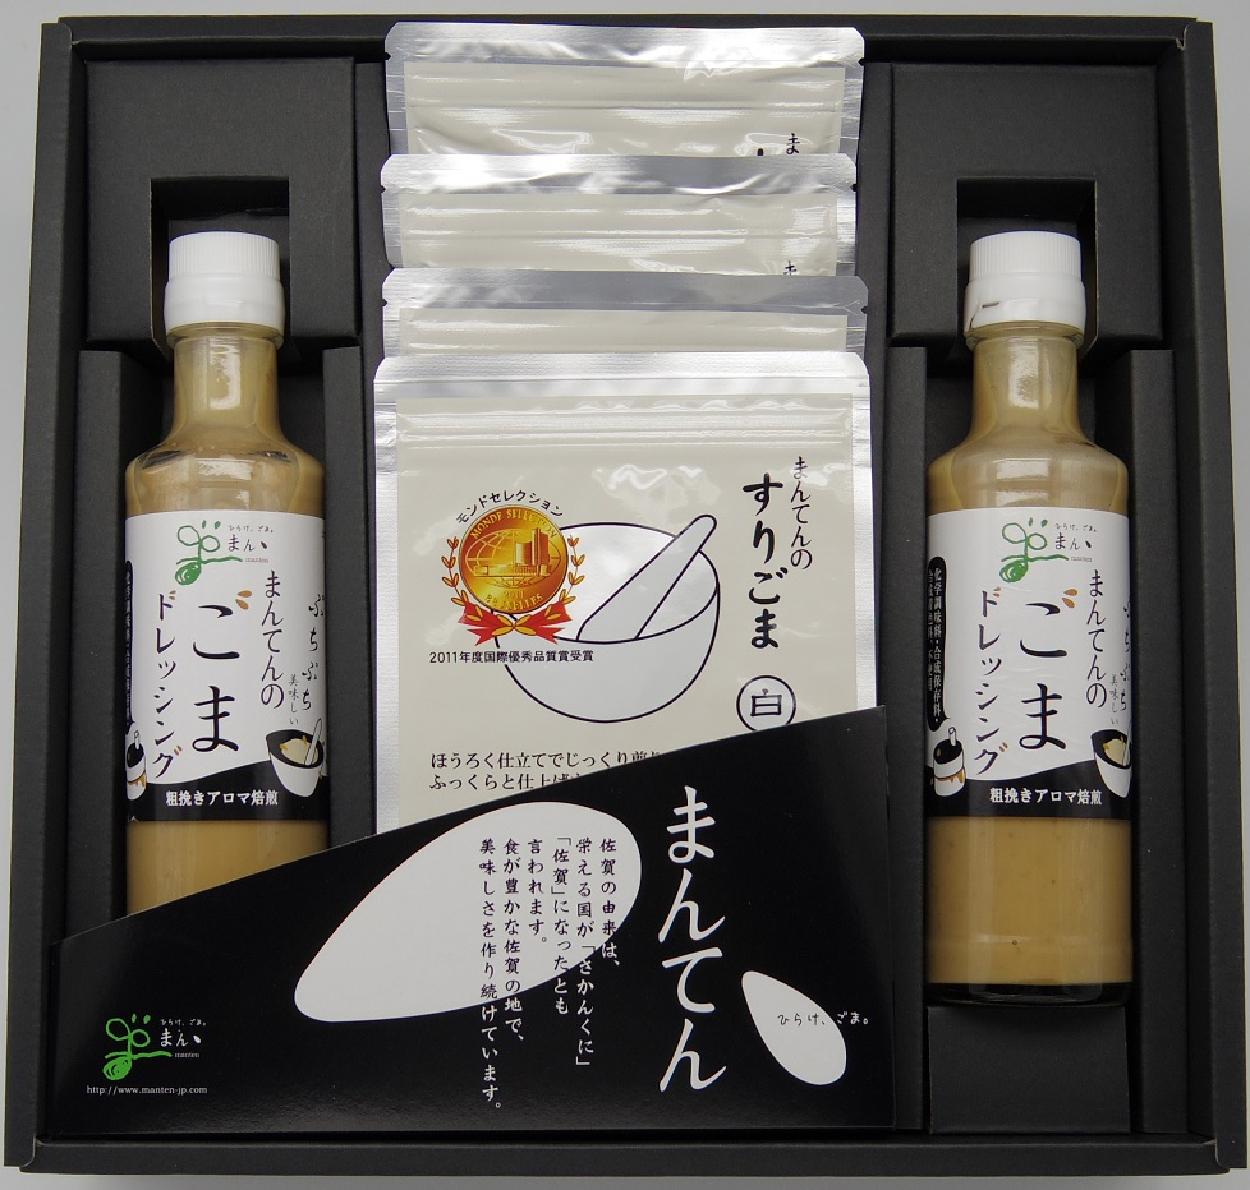 【滿天芝麻】 胡麻沙拉醬 2入禮盒